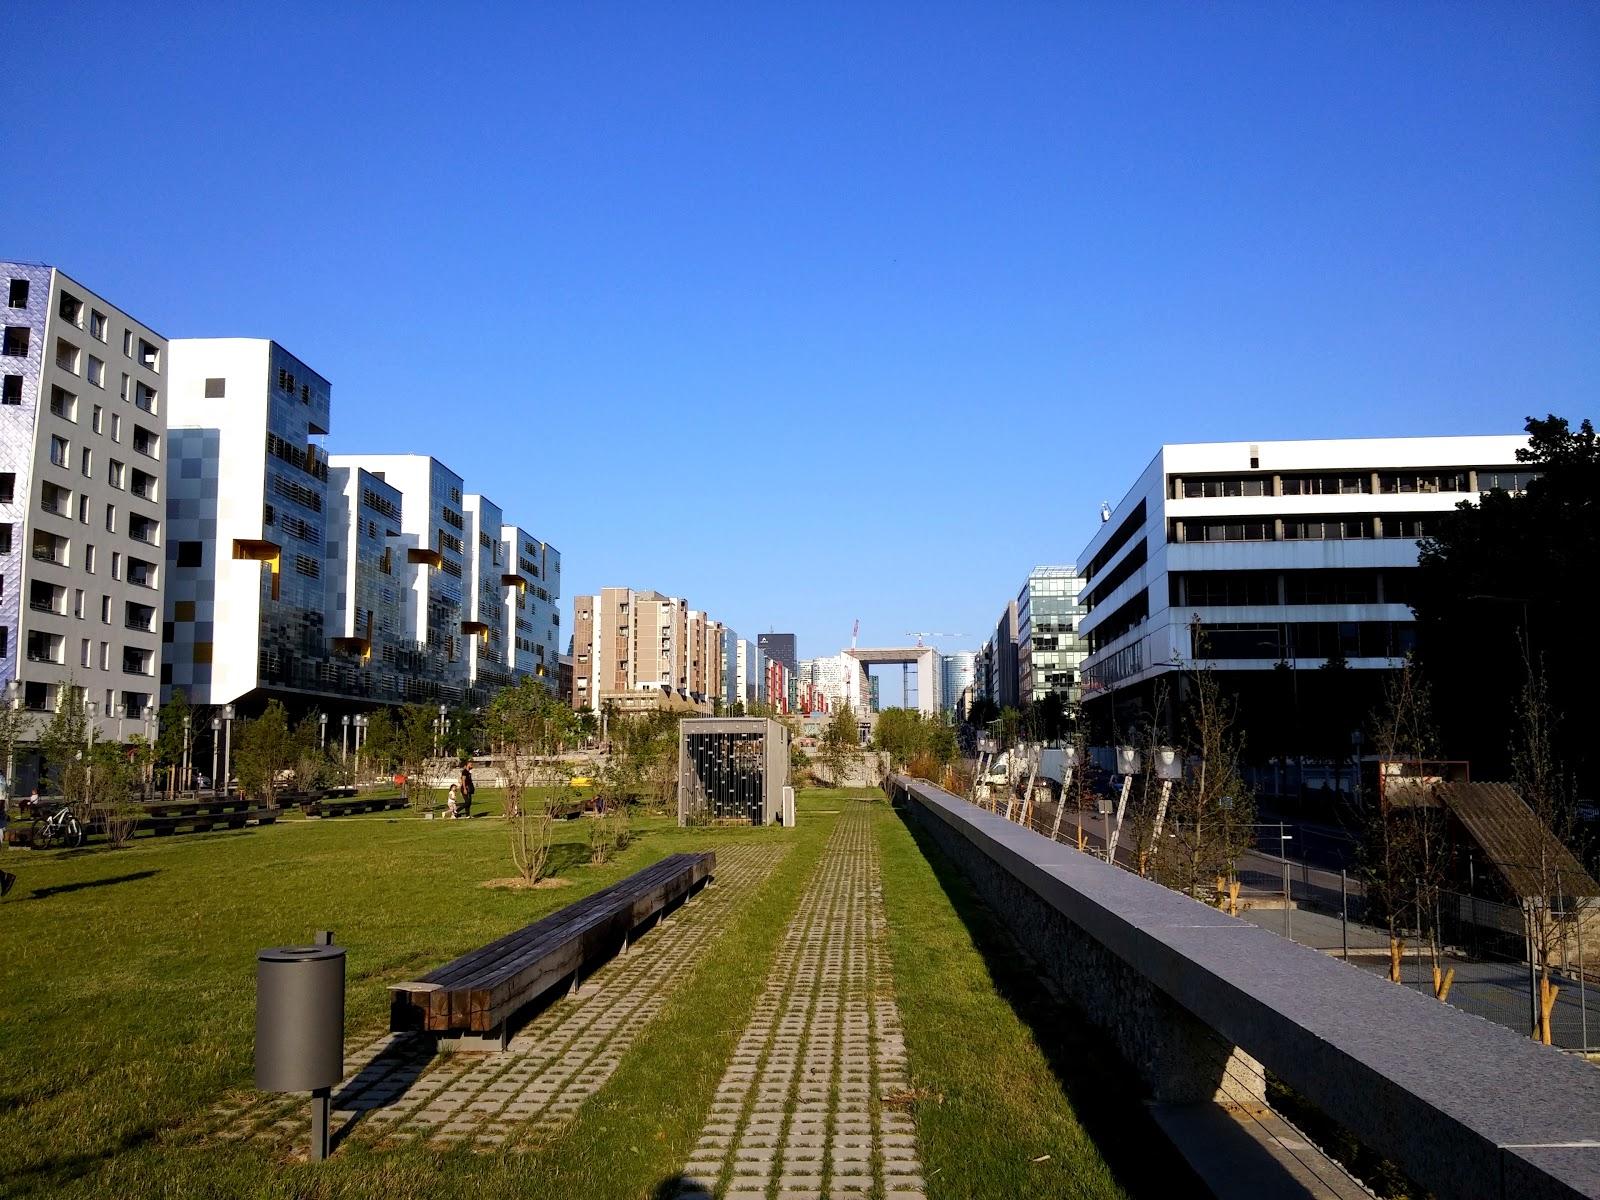 La ville de Nanterre vue autrement novembre 2011